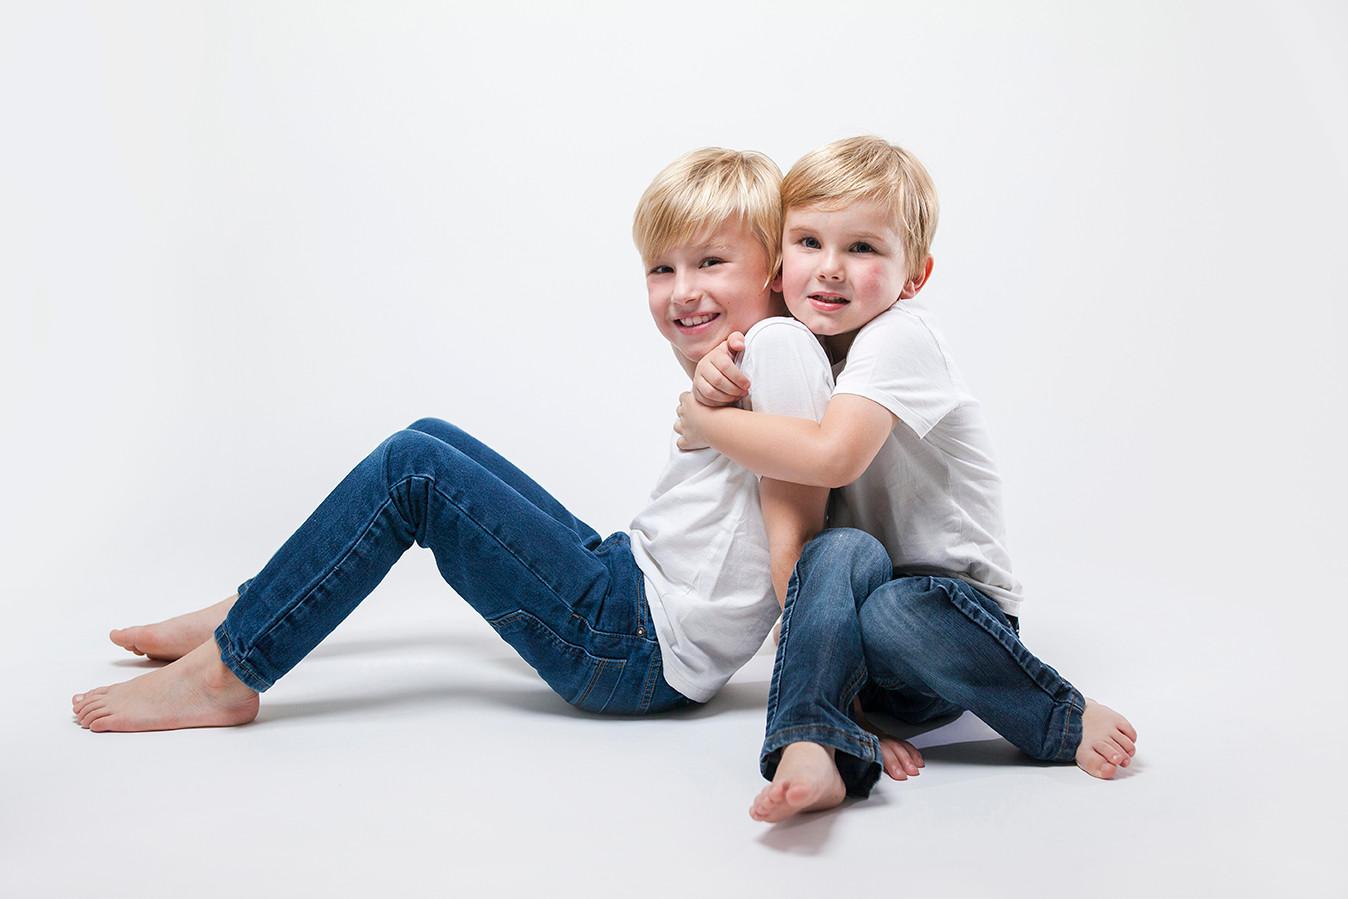 photographe-famille-oise-7.jpg